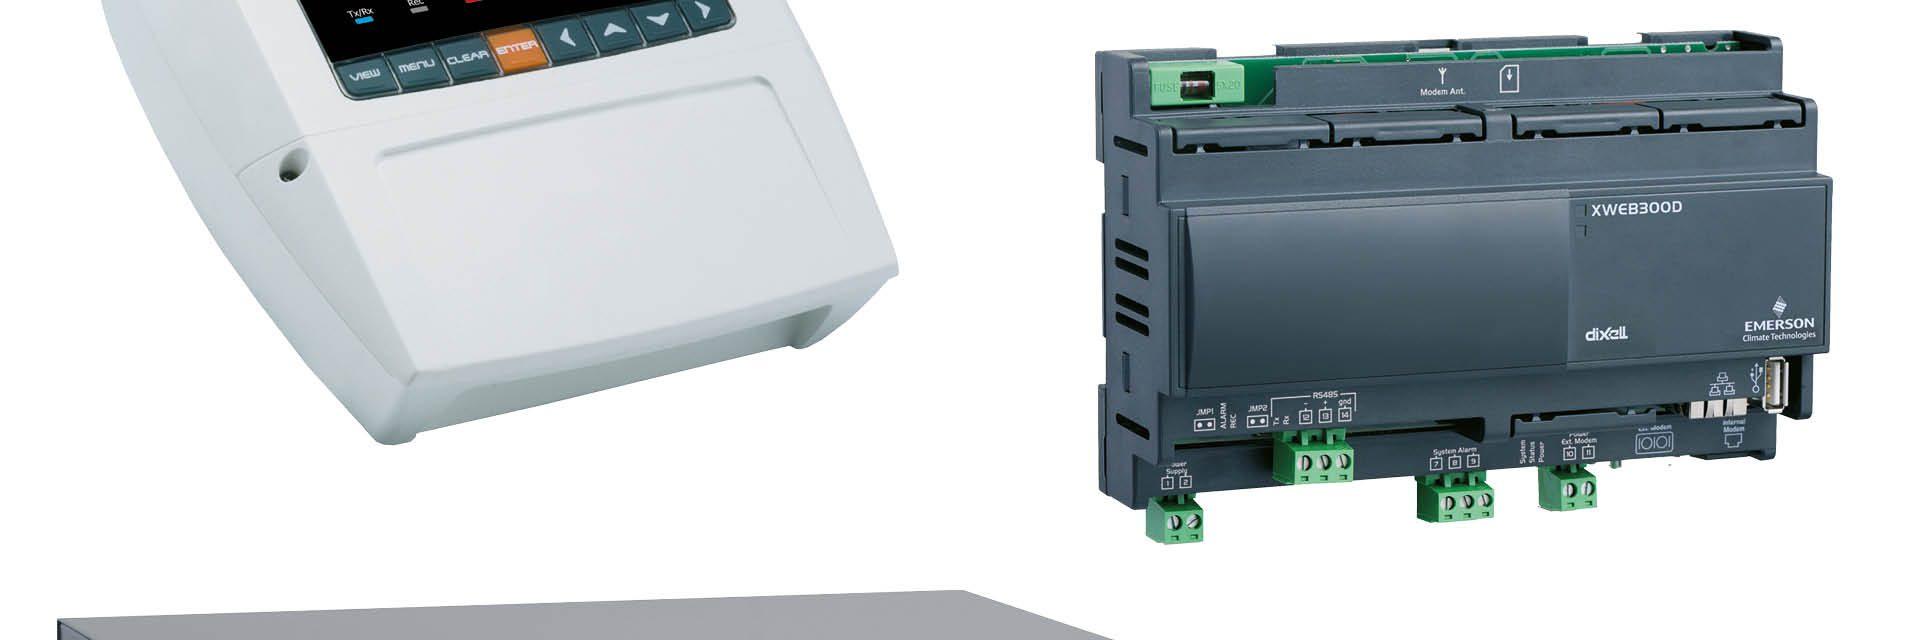 Frigro Services: opstart van regelapparatuur en temperatuur registratie